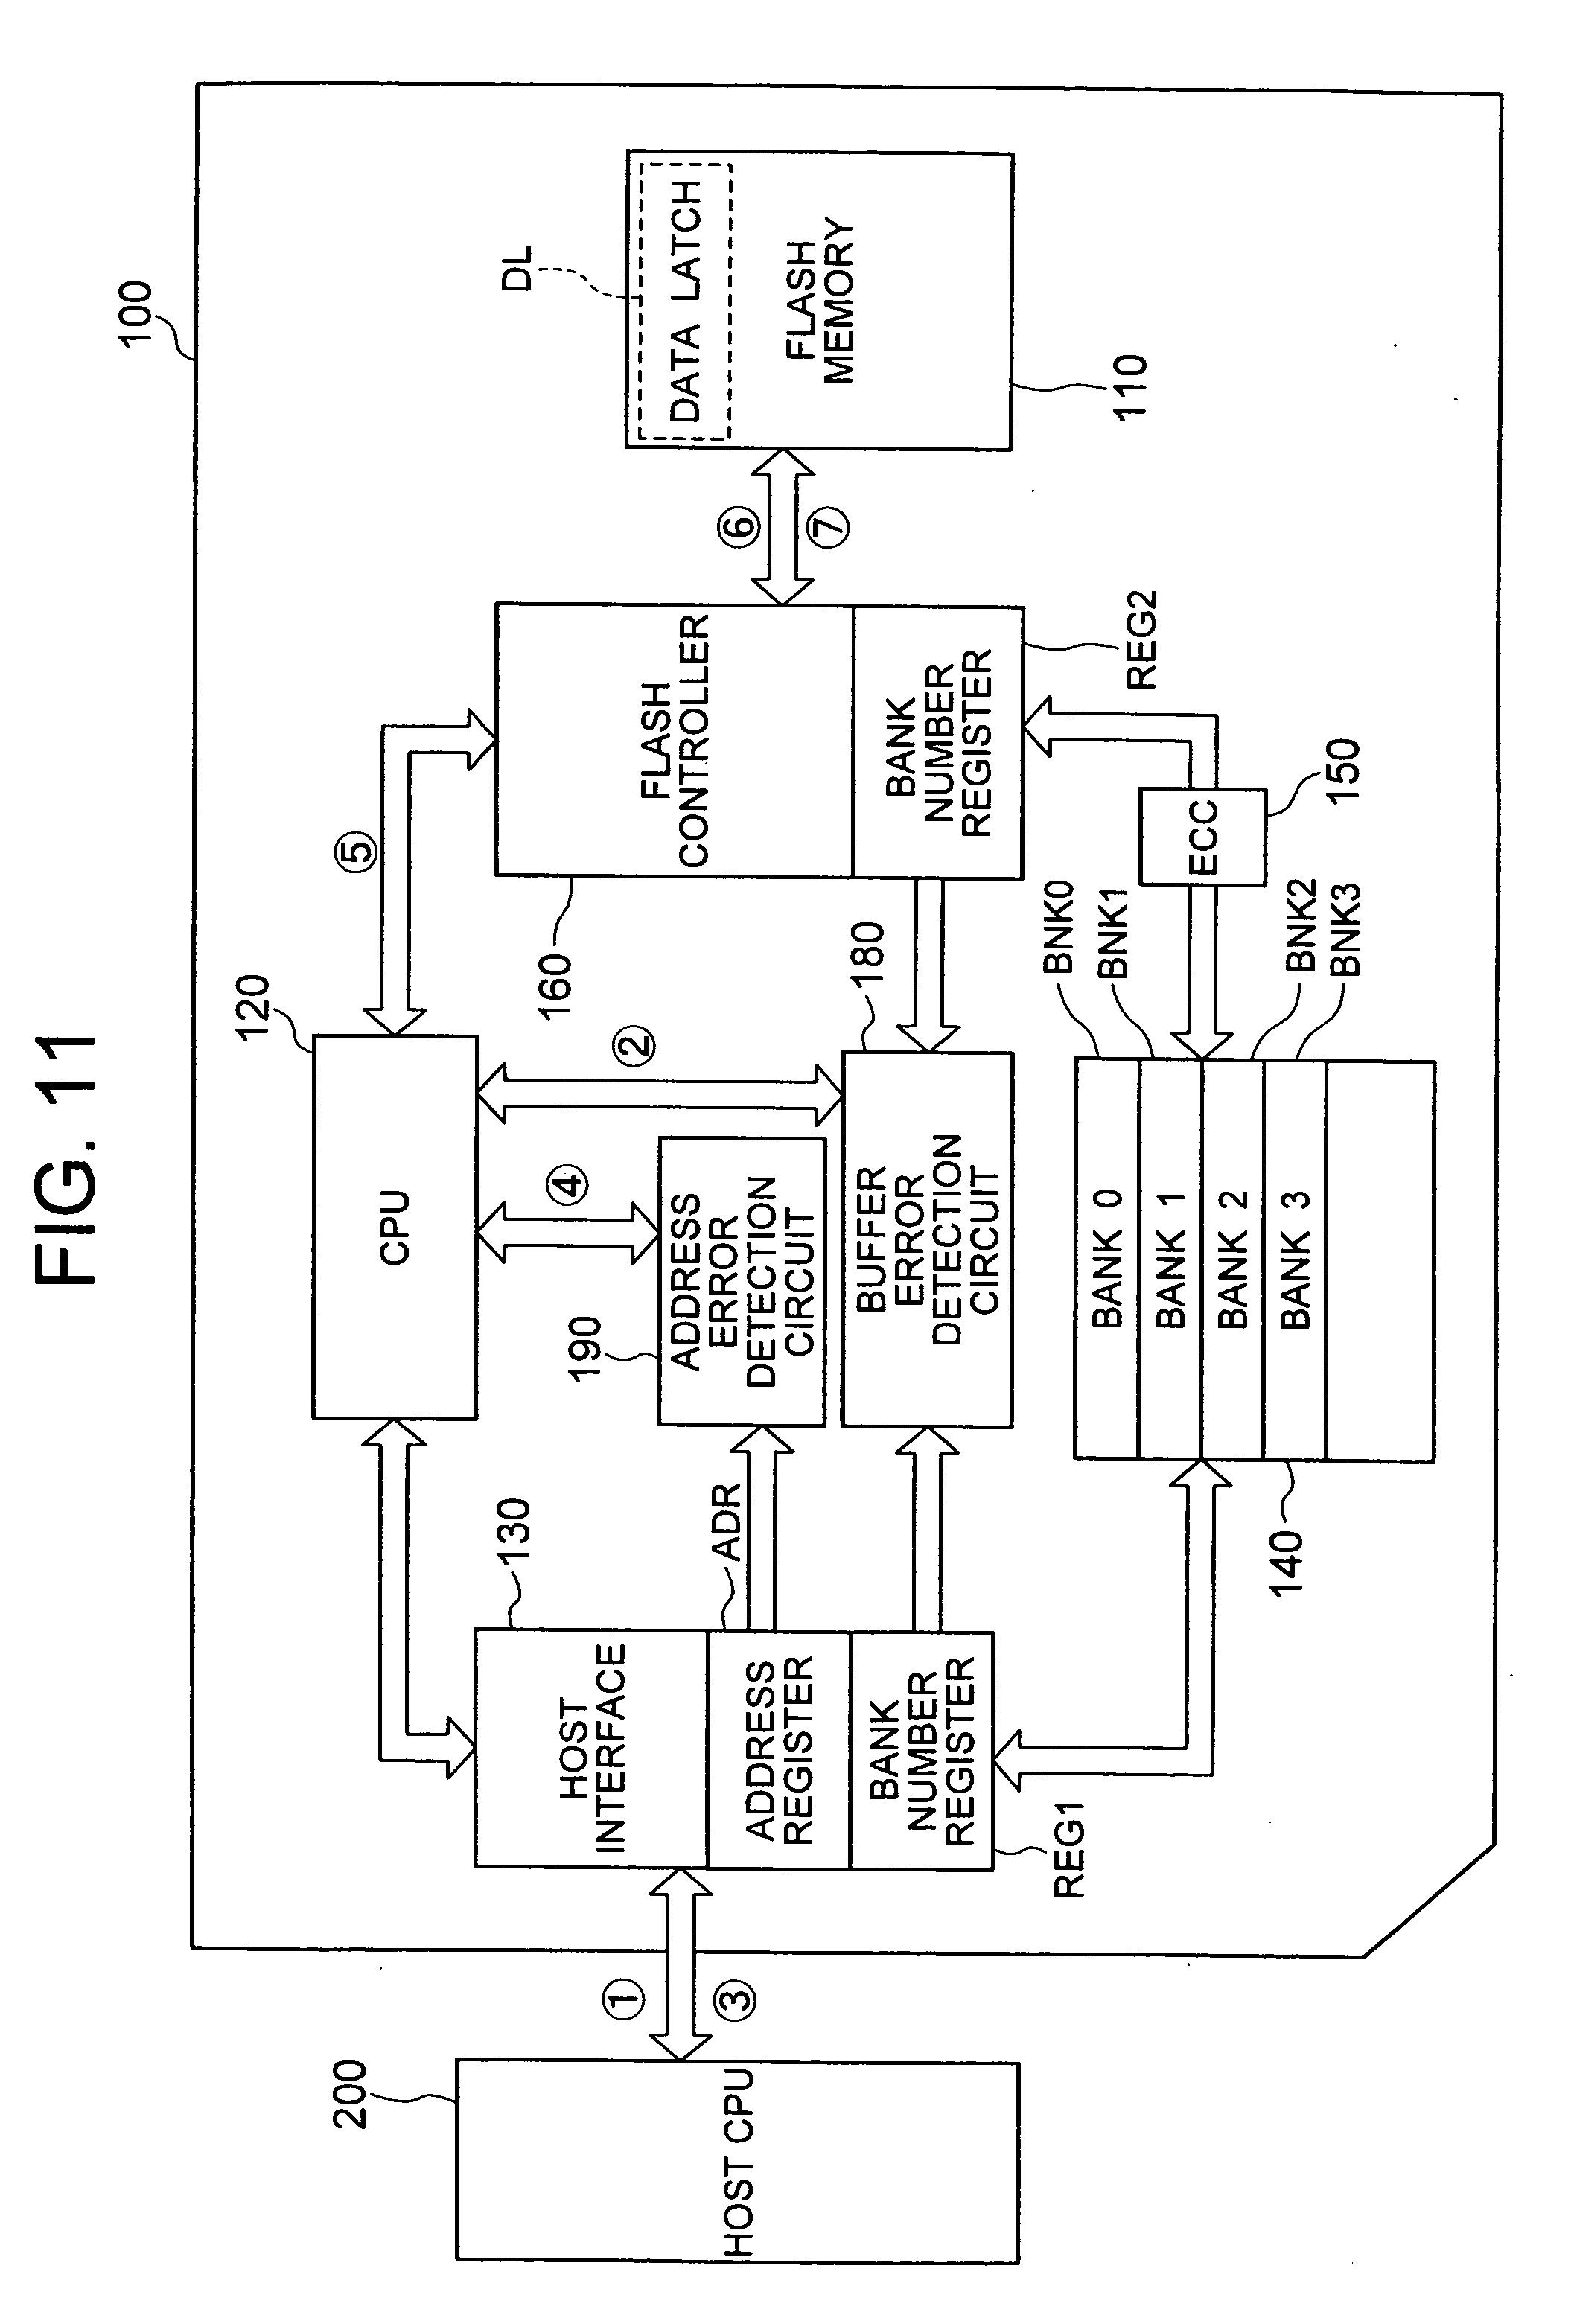 patent us20040174742